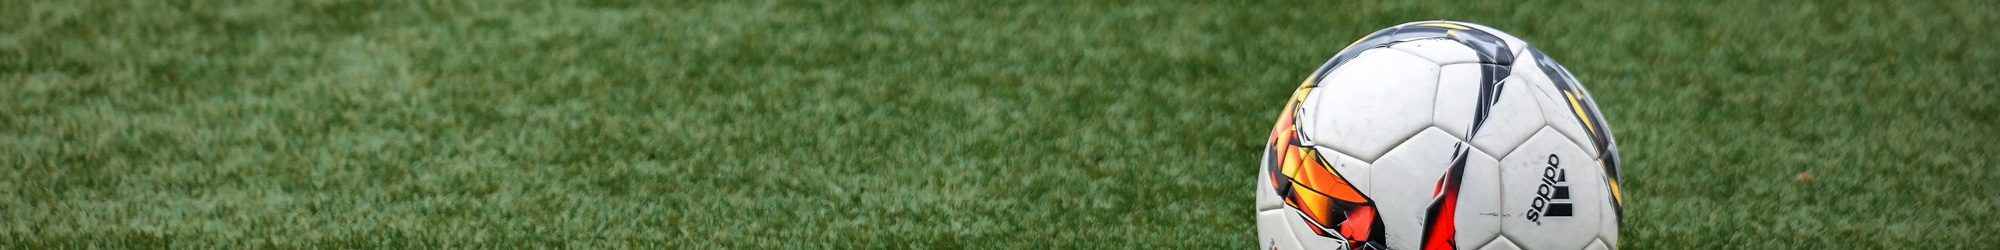 Fußball auf einem Fußballfeld